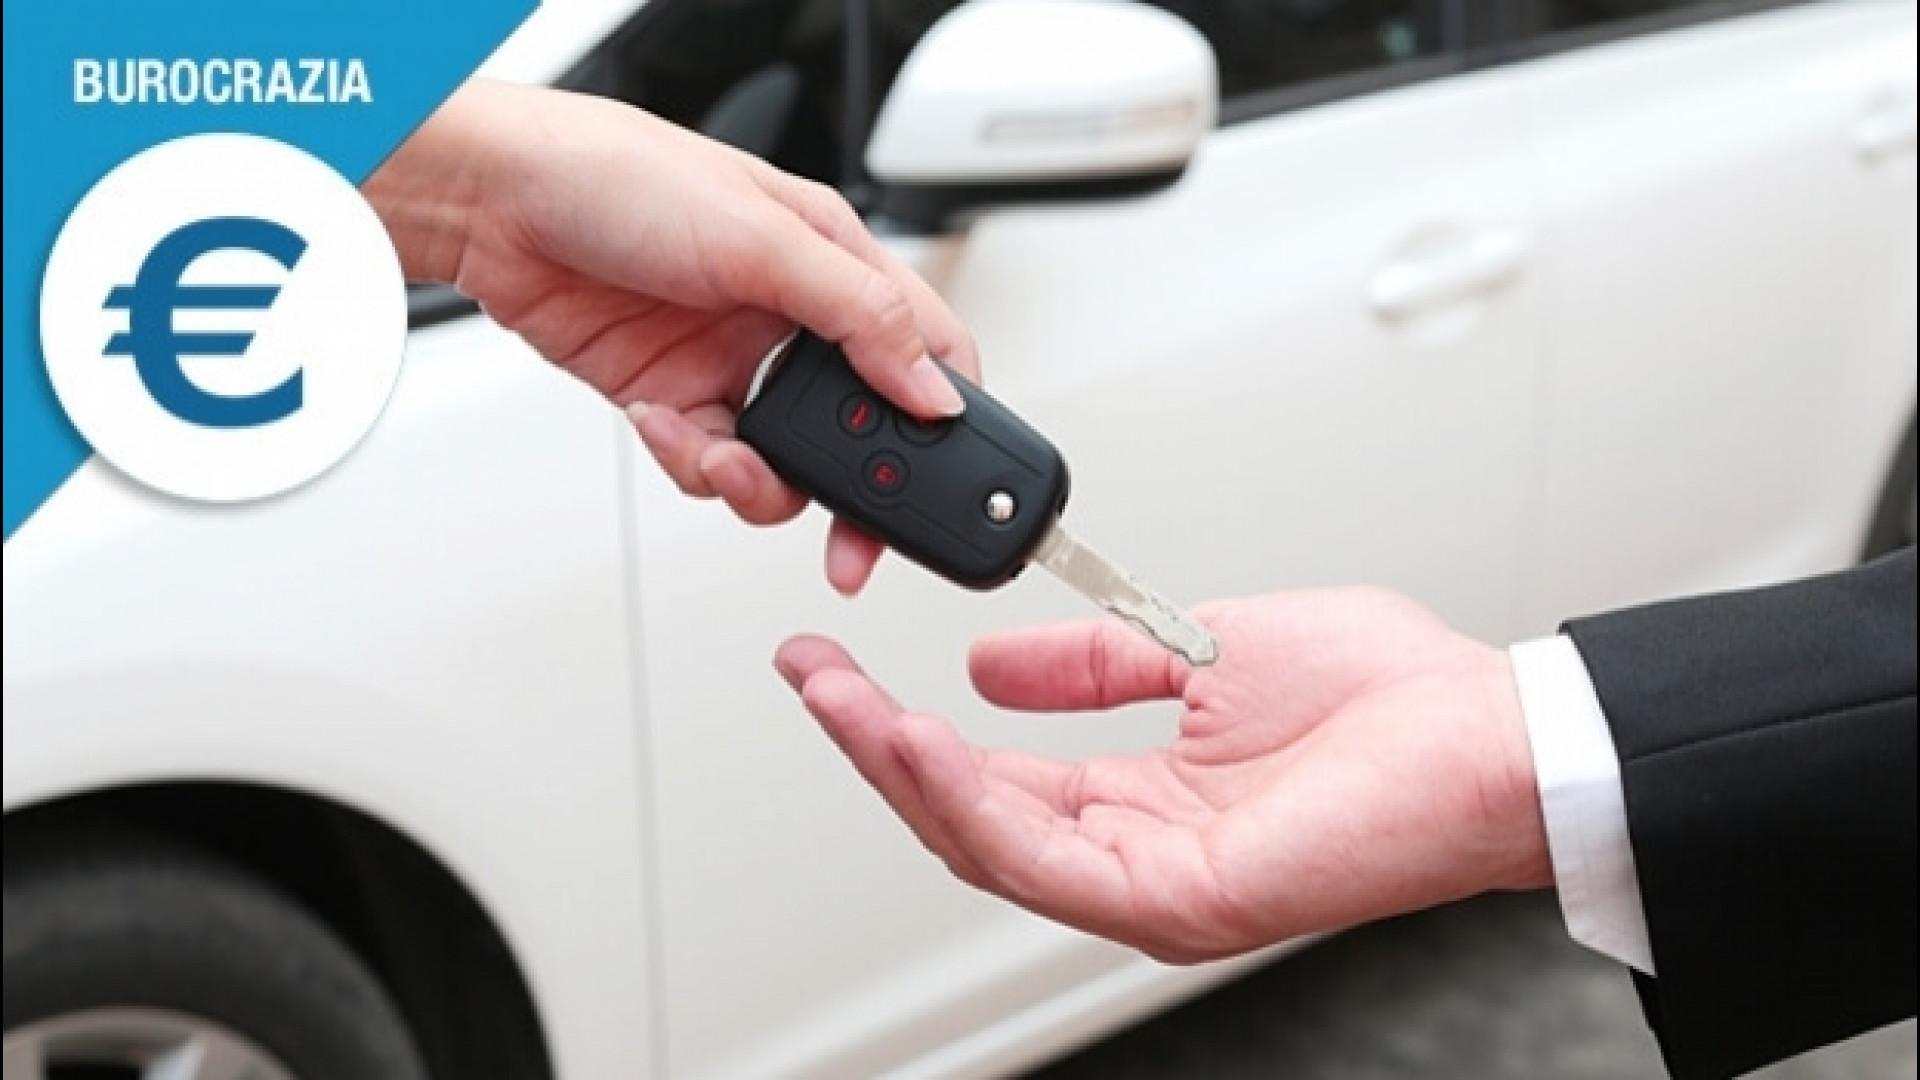 Ufficio Per Passaggio Di Proprietà Auto : Passaggio di proprietà auto tutti i documenti da ricordare